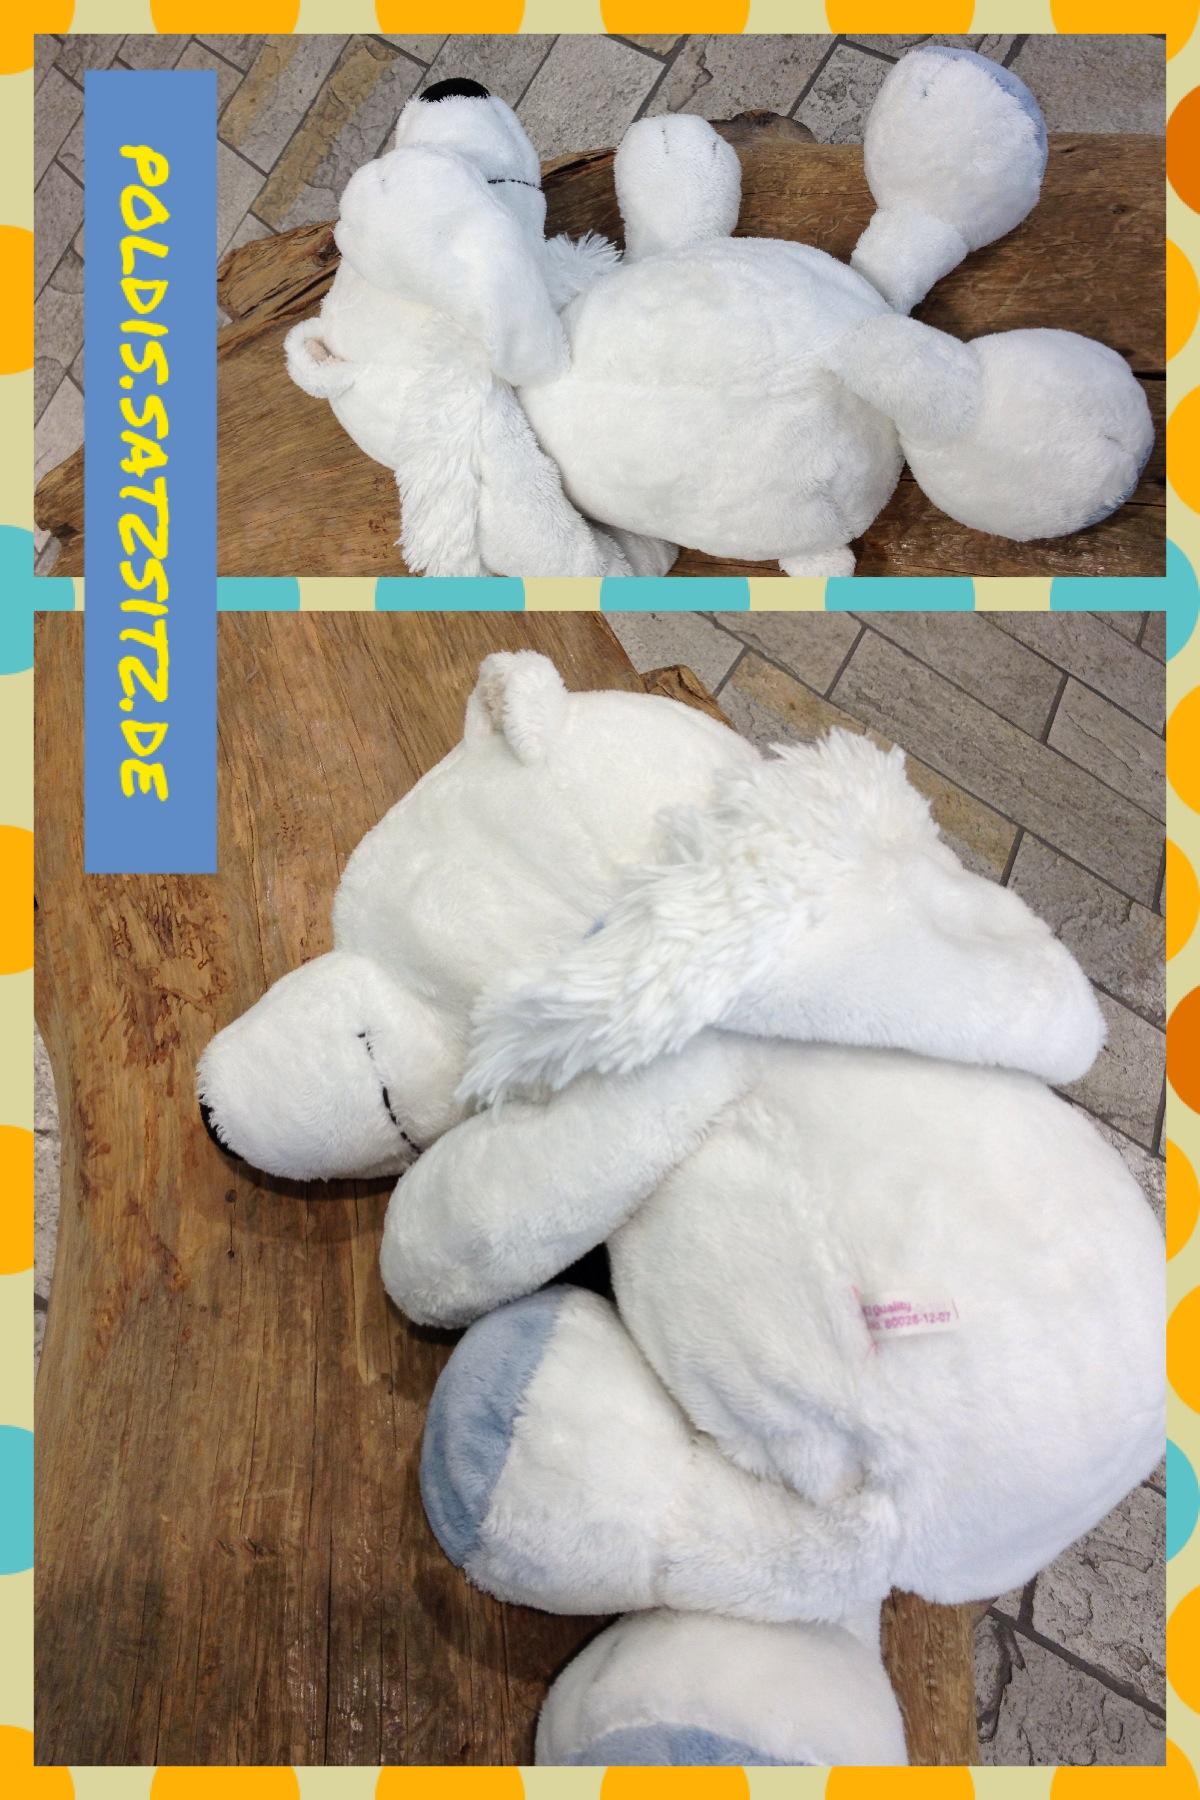 Poldi der Eisbär schläft im Outdorrladen auf einer Holzbank